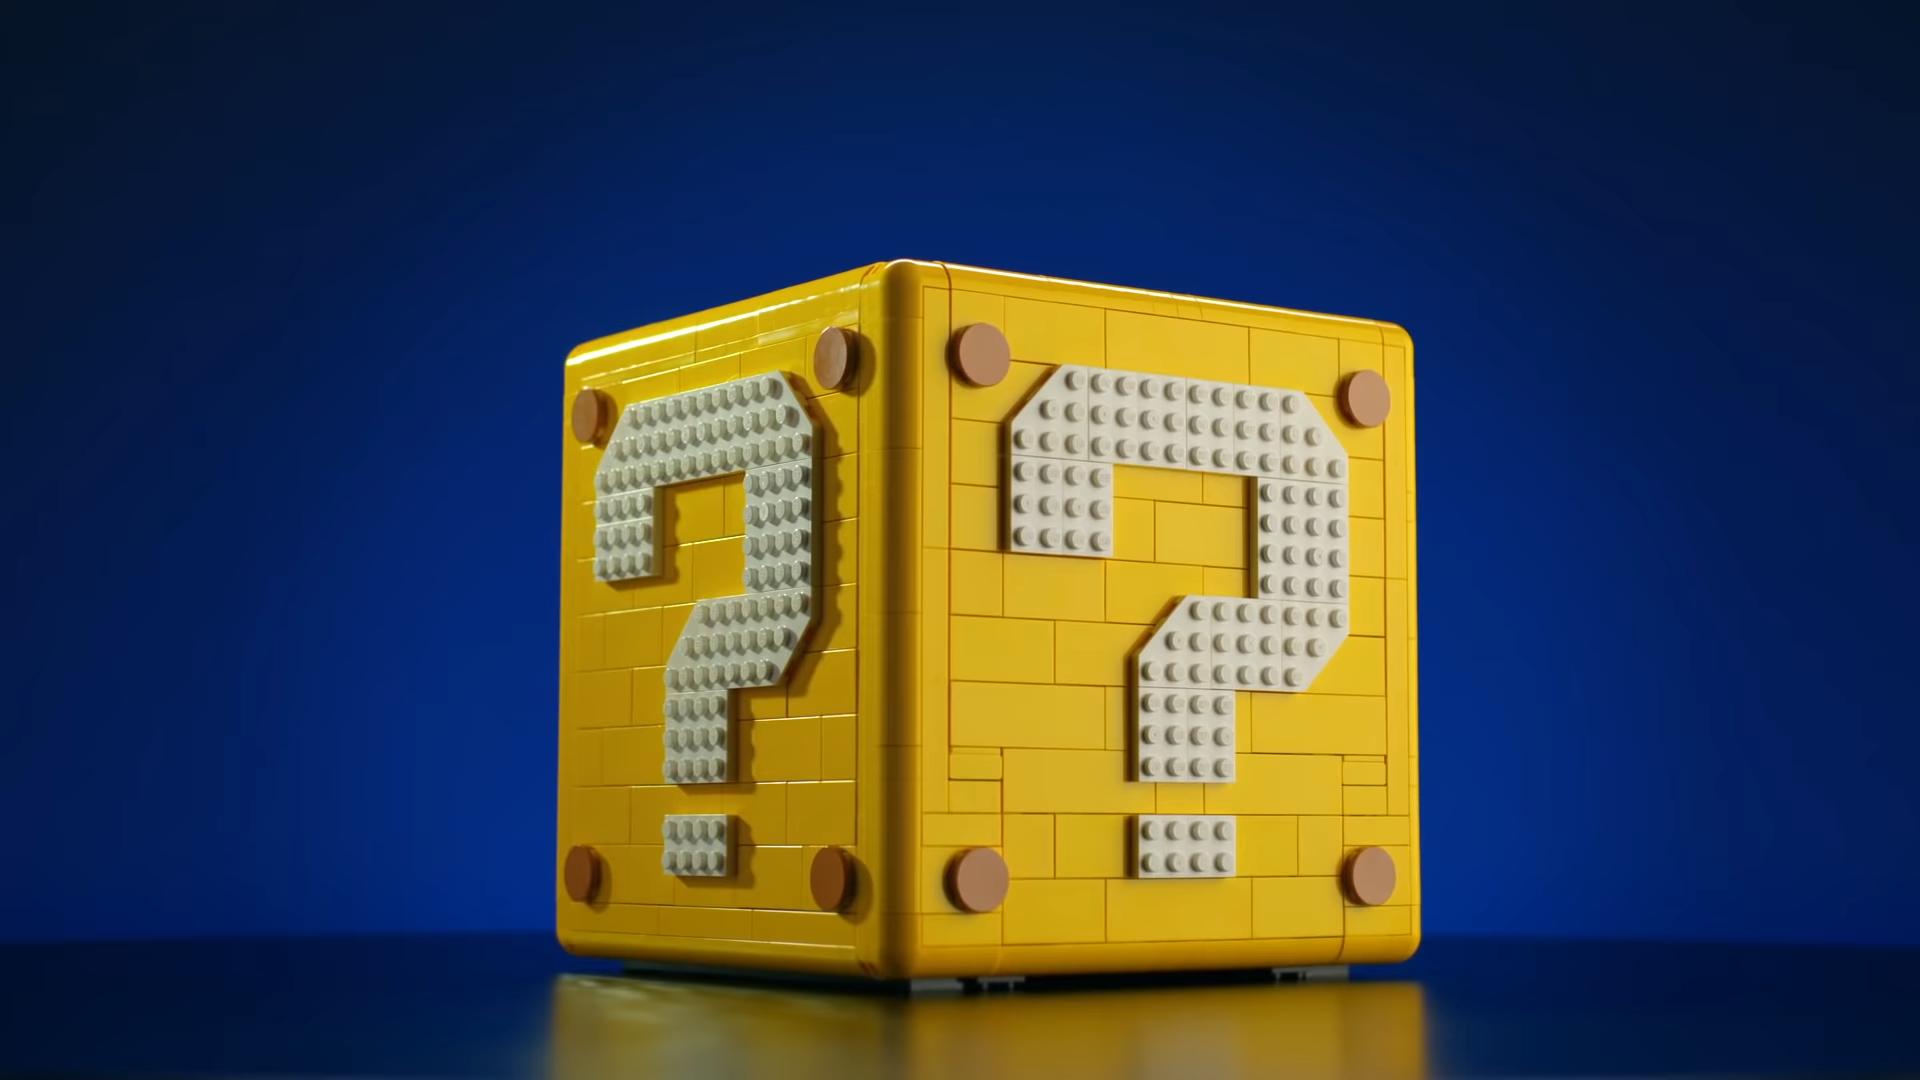 The Lego Mario question mark block